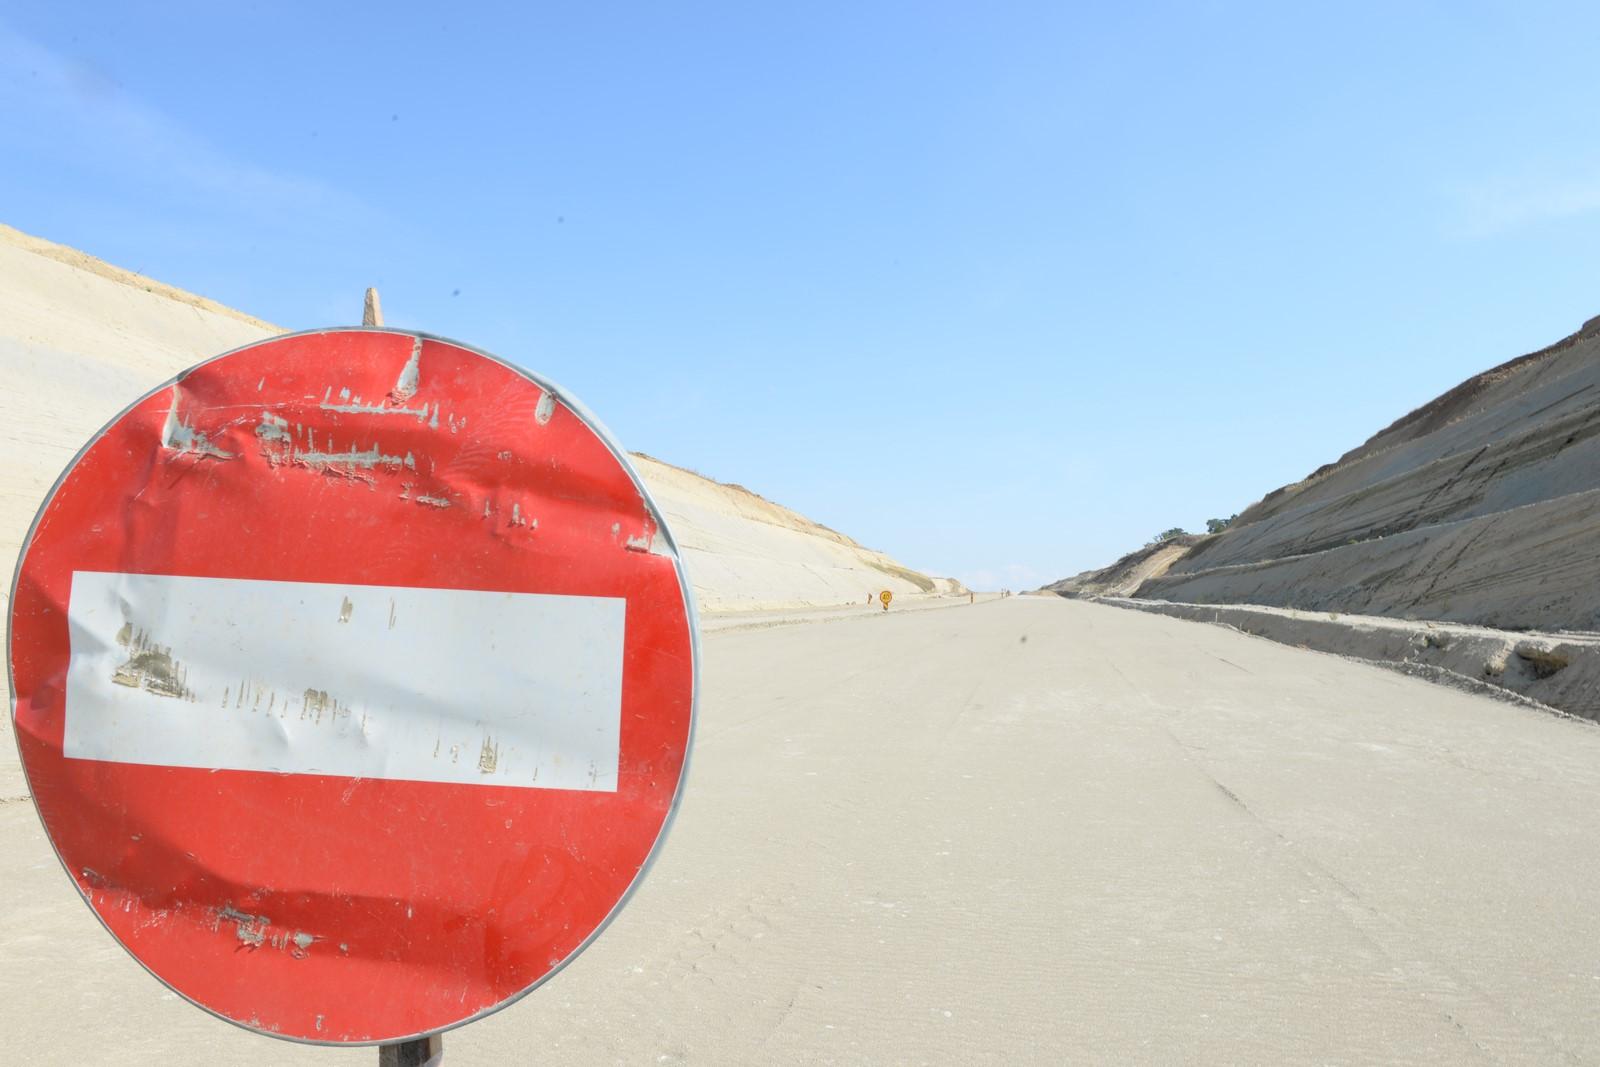 Viorica Dăncilă promite: Autostrada Sibiu – Pitești va fi terminată în 2022. Sibiu - Boița are termen de predarepeste trei ani